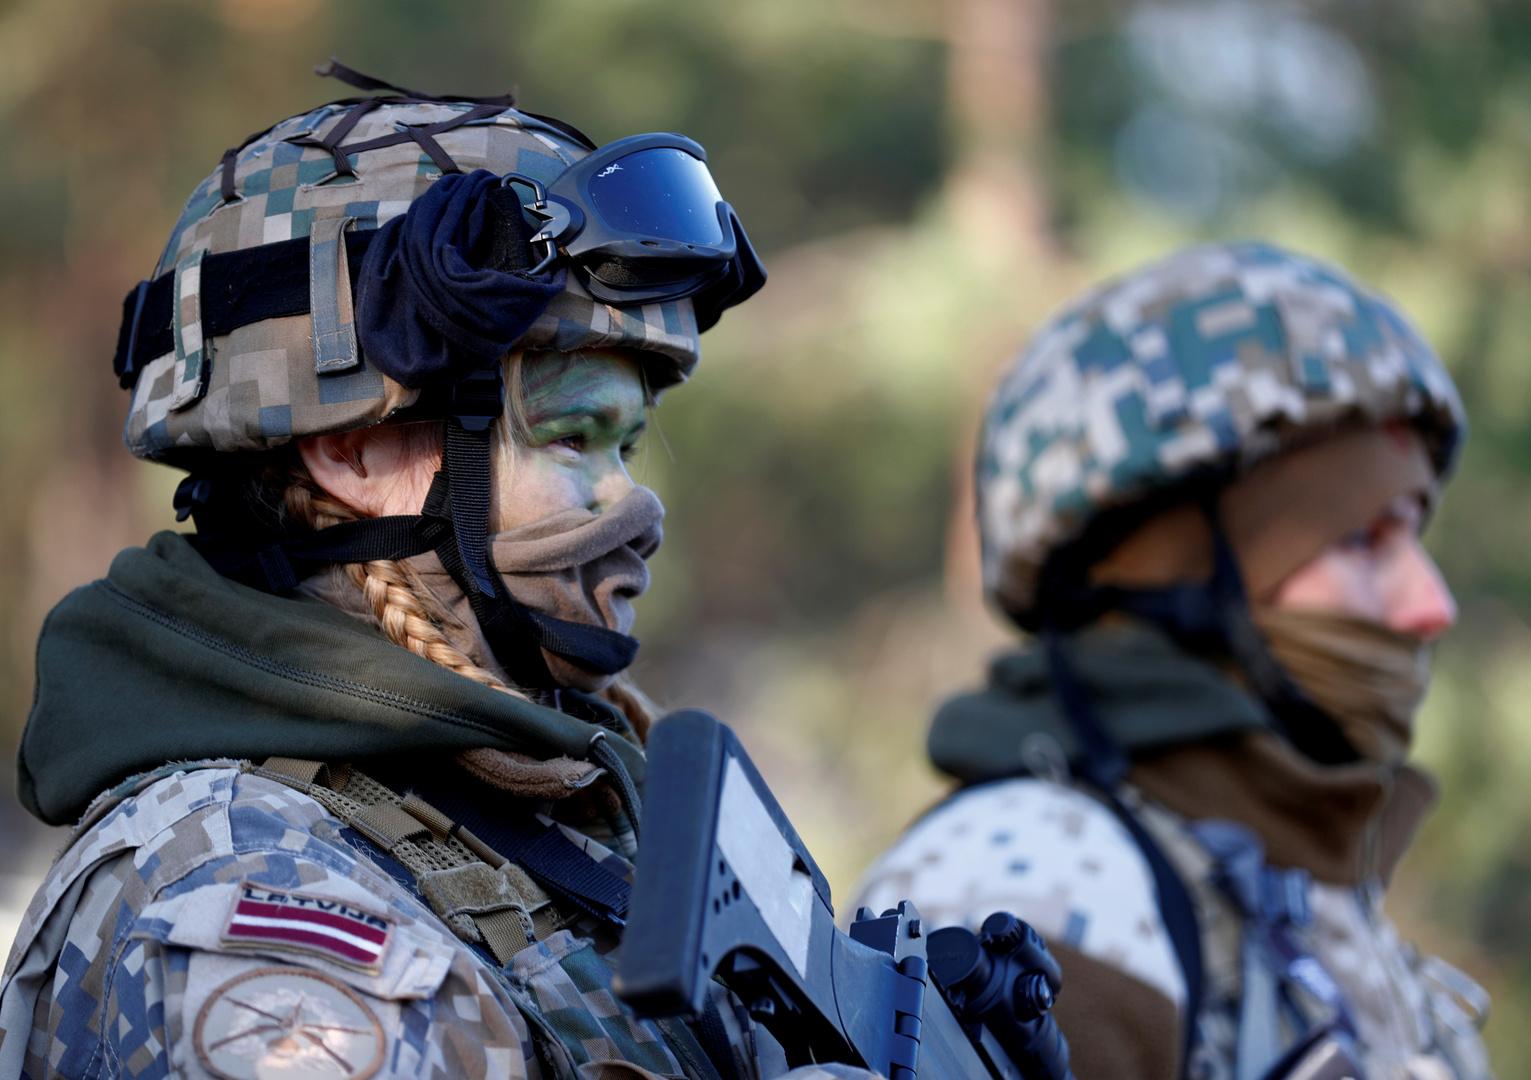 إصابة 20 من عسكريي الناتو في ليتوانيا بكورونا